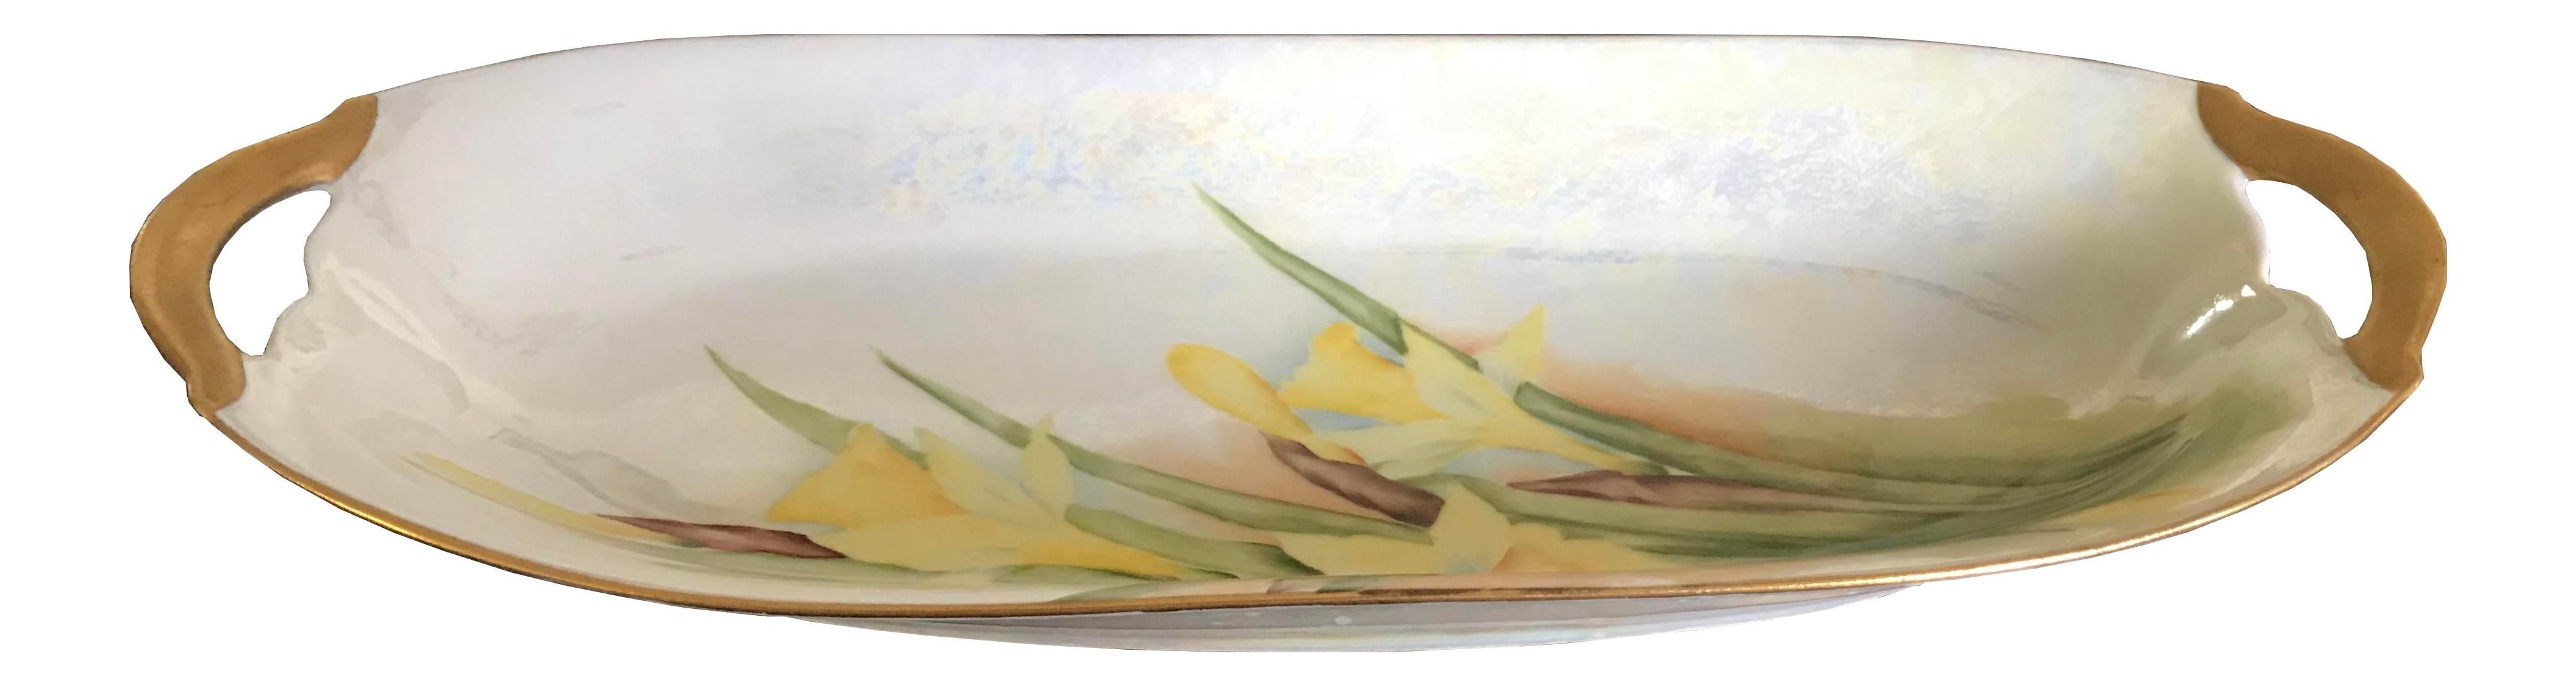 Platter Iridescent Floral Vintage Serving Dish